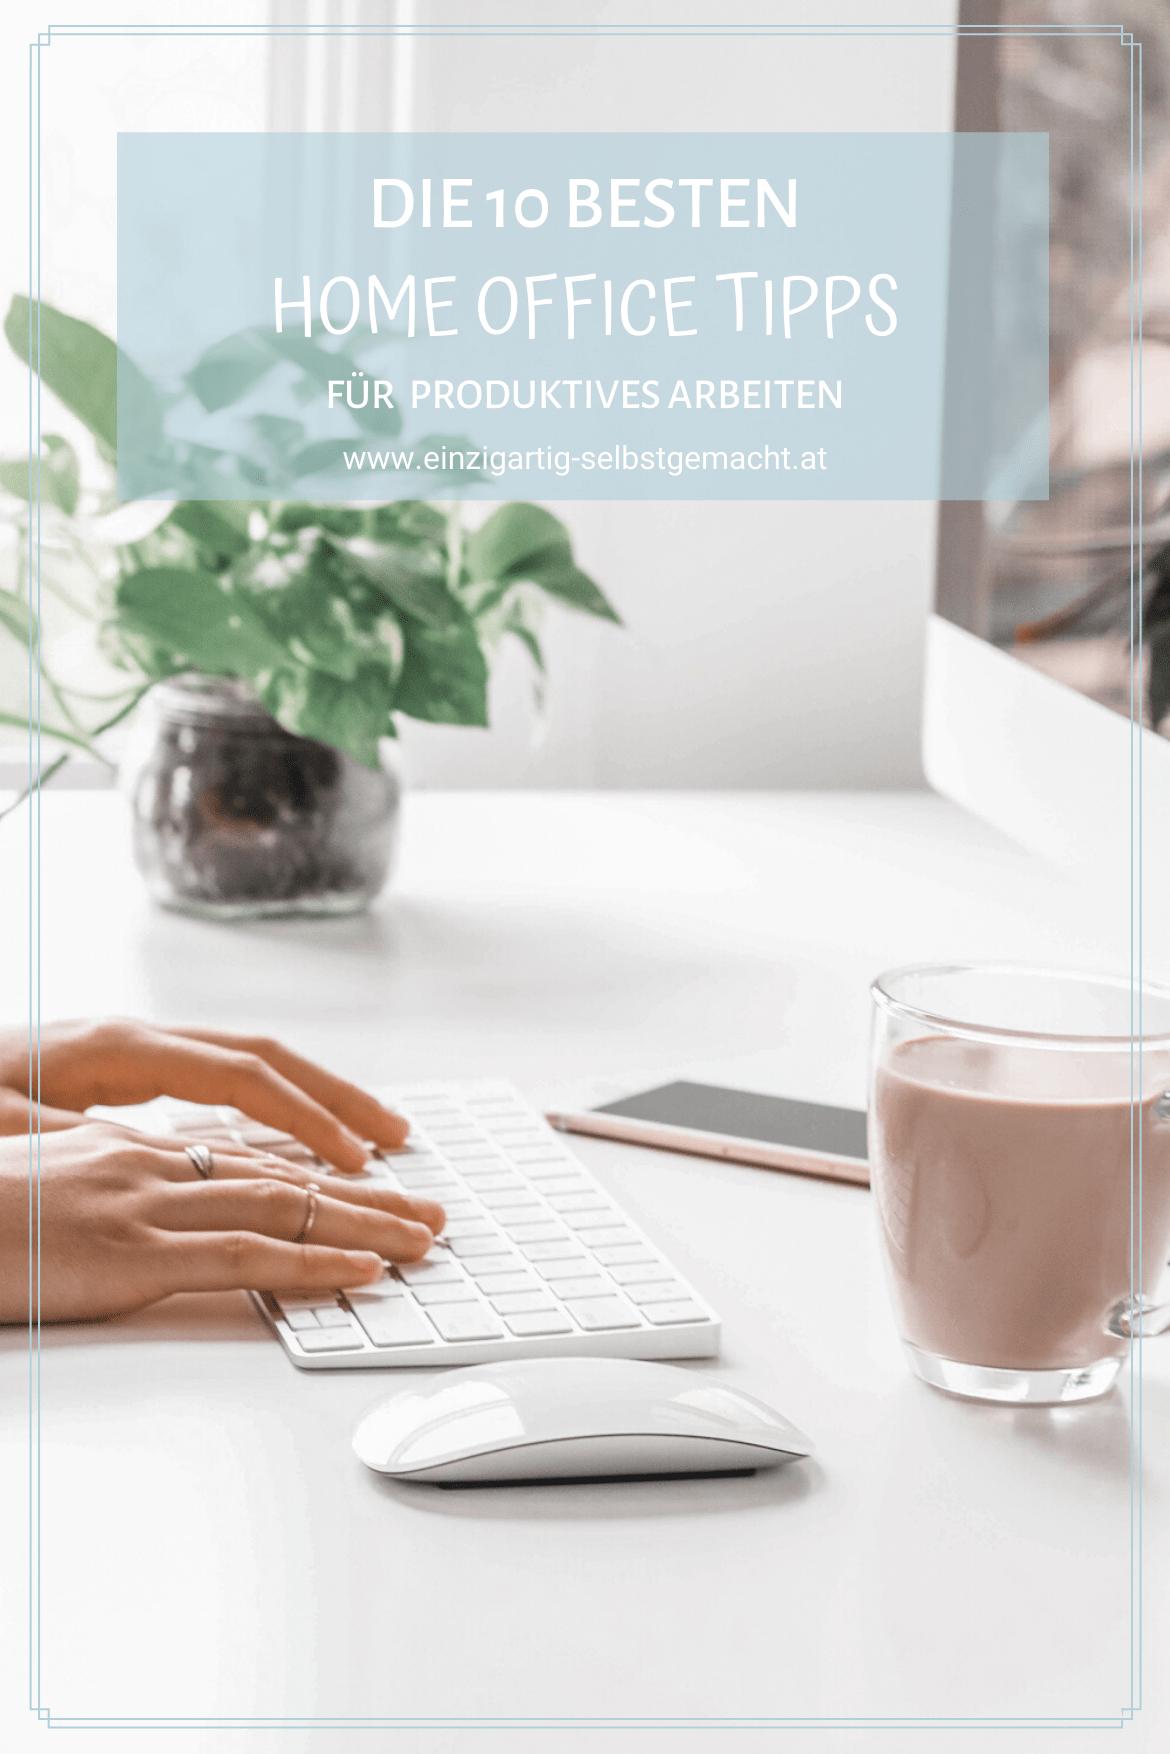 home-office-tipps-pinterest